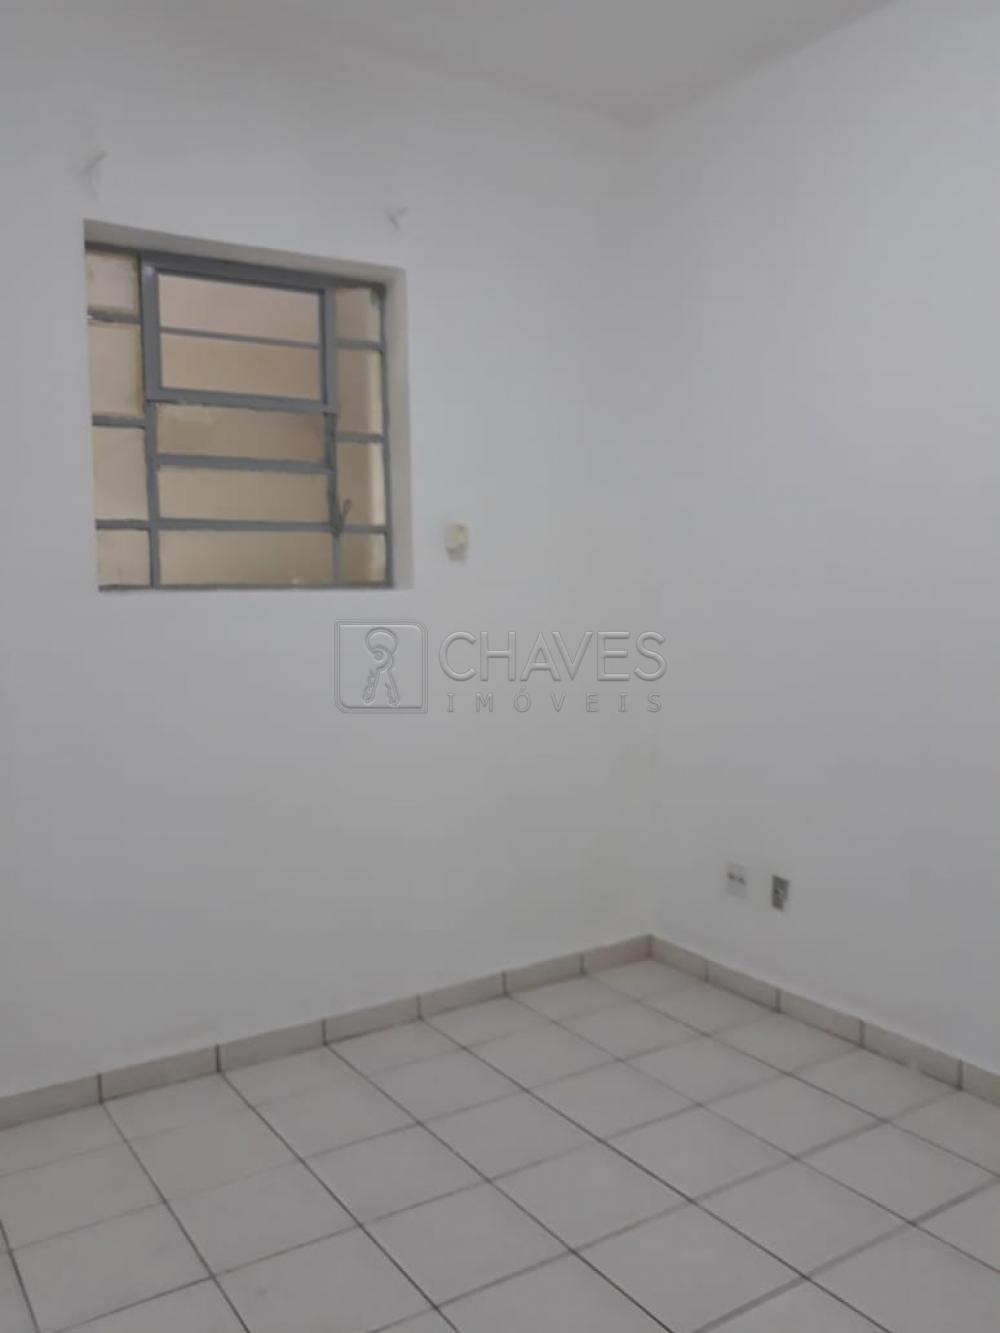 Alugar Comercial / Salão em Ribeirão Preto apenas R$ 900,00 - Foto 8